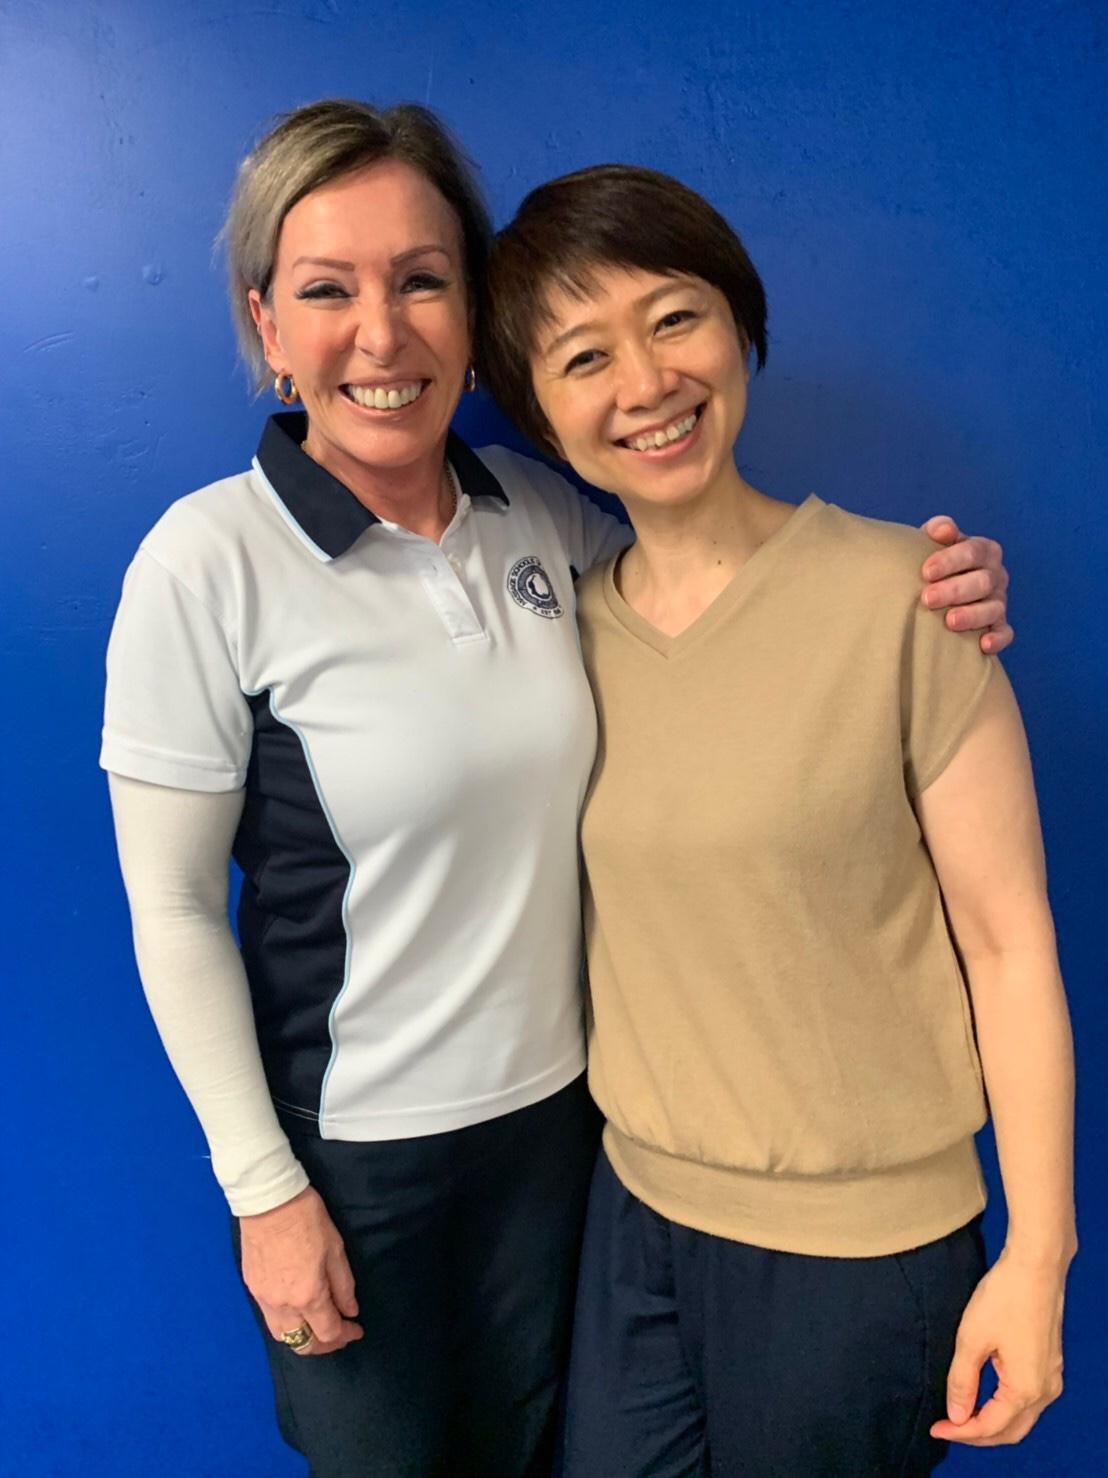 MSQ校長先生と、私の技術試験は校長先生でした(2019年6月オーストラリア)